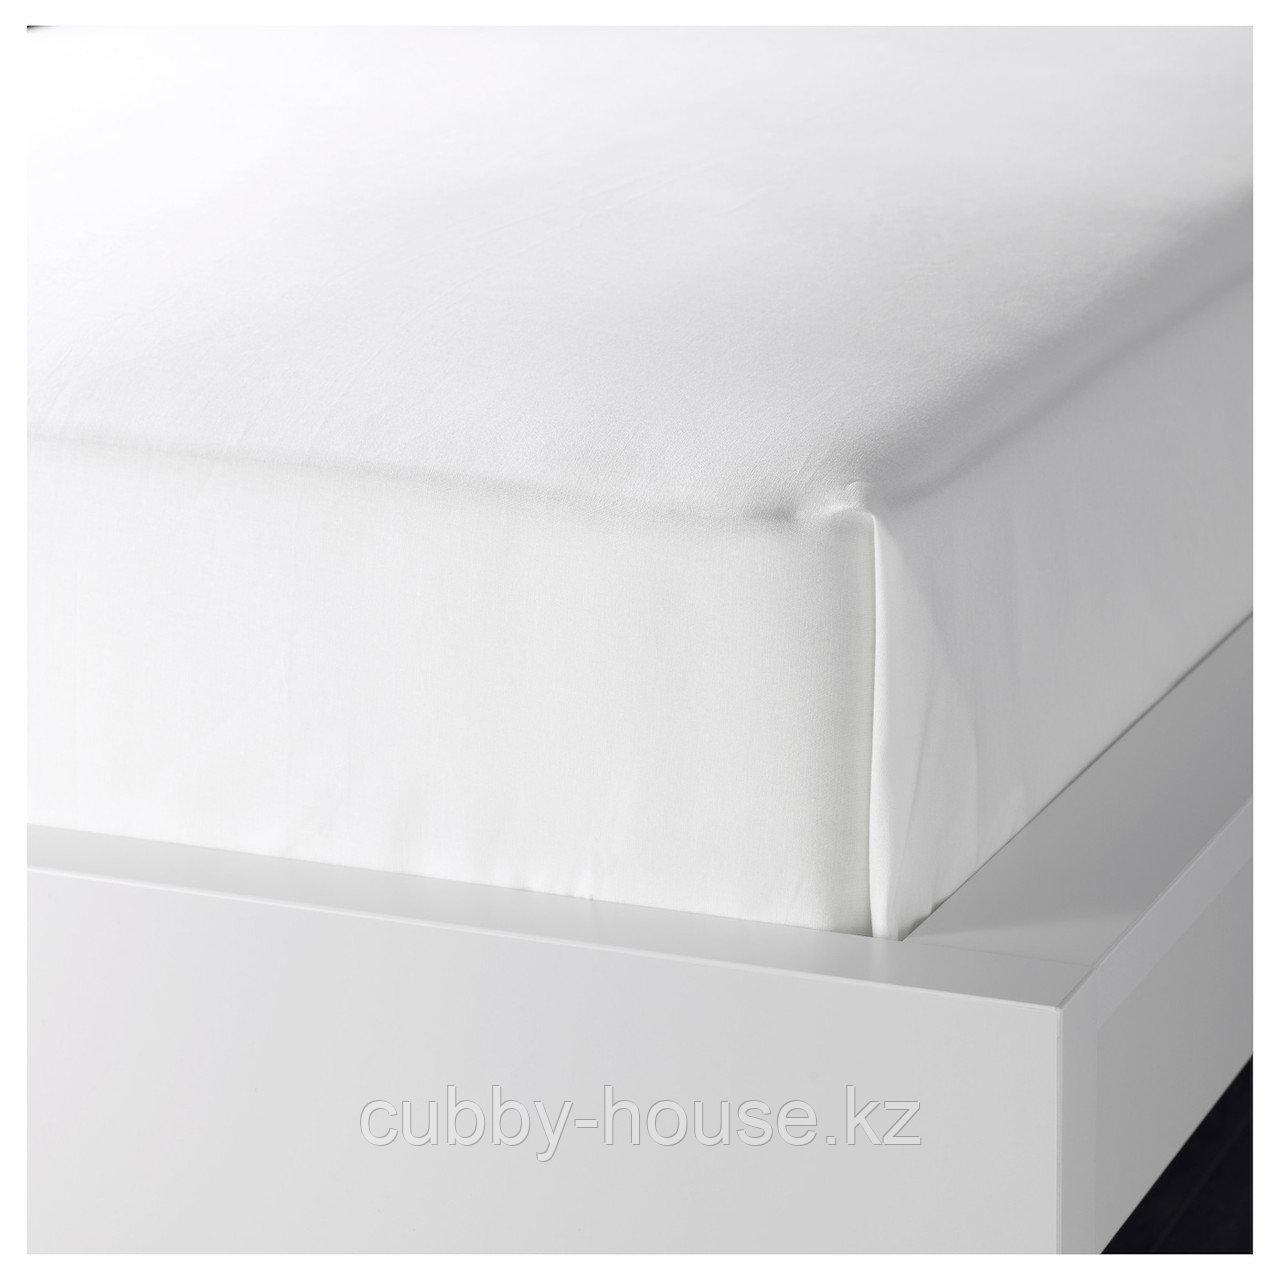 ФЭРГМОРА Простыня, белый, 150x240 см